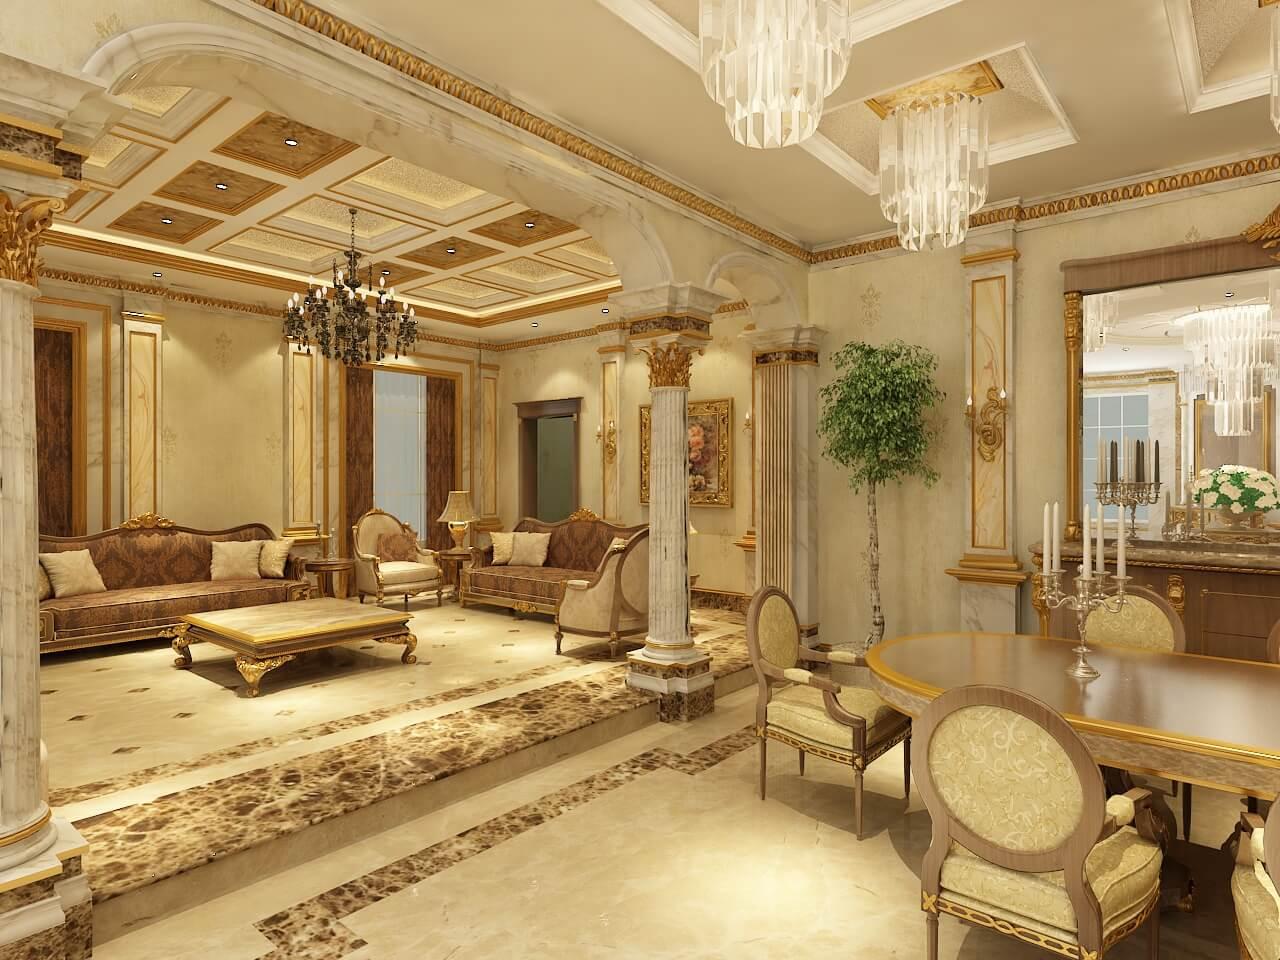 Private Villa, Emirates Hills - 6